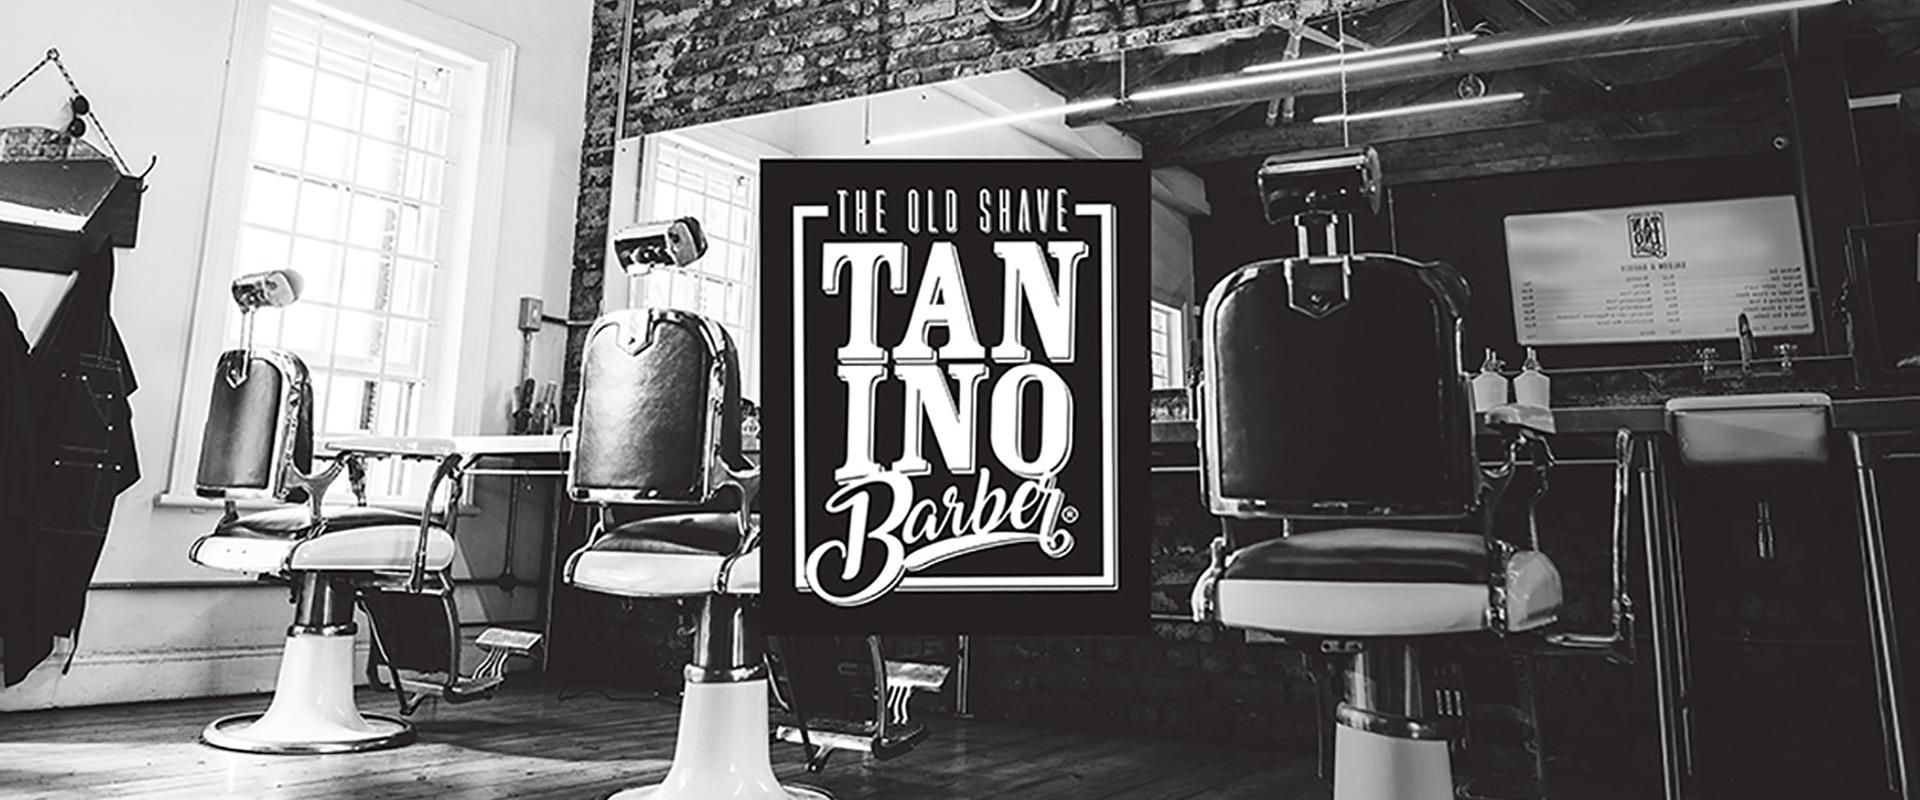 taninobarberheadpic